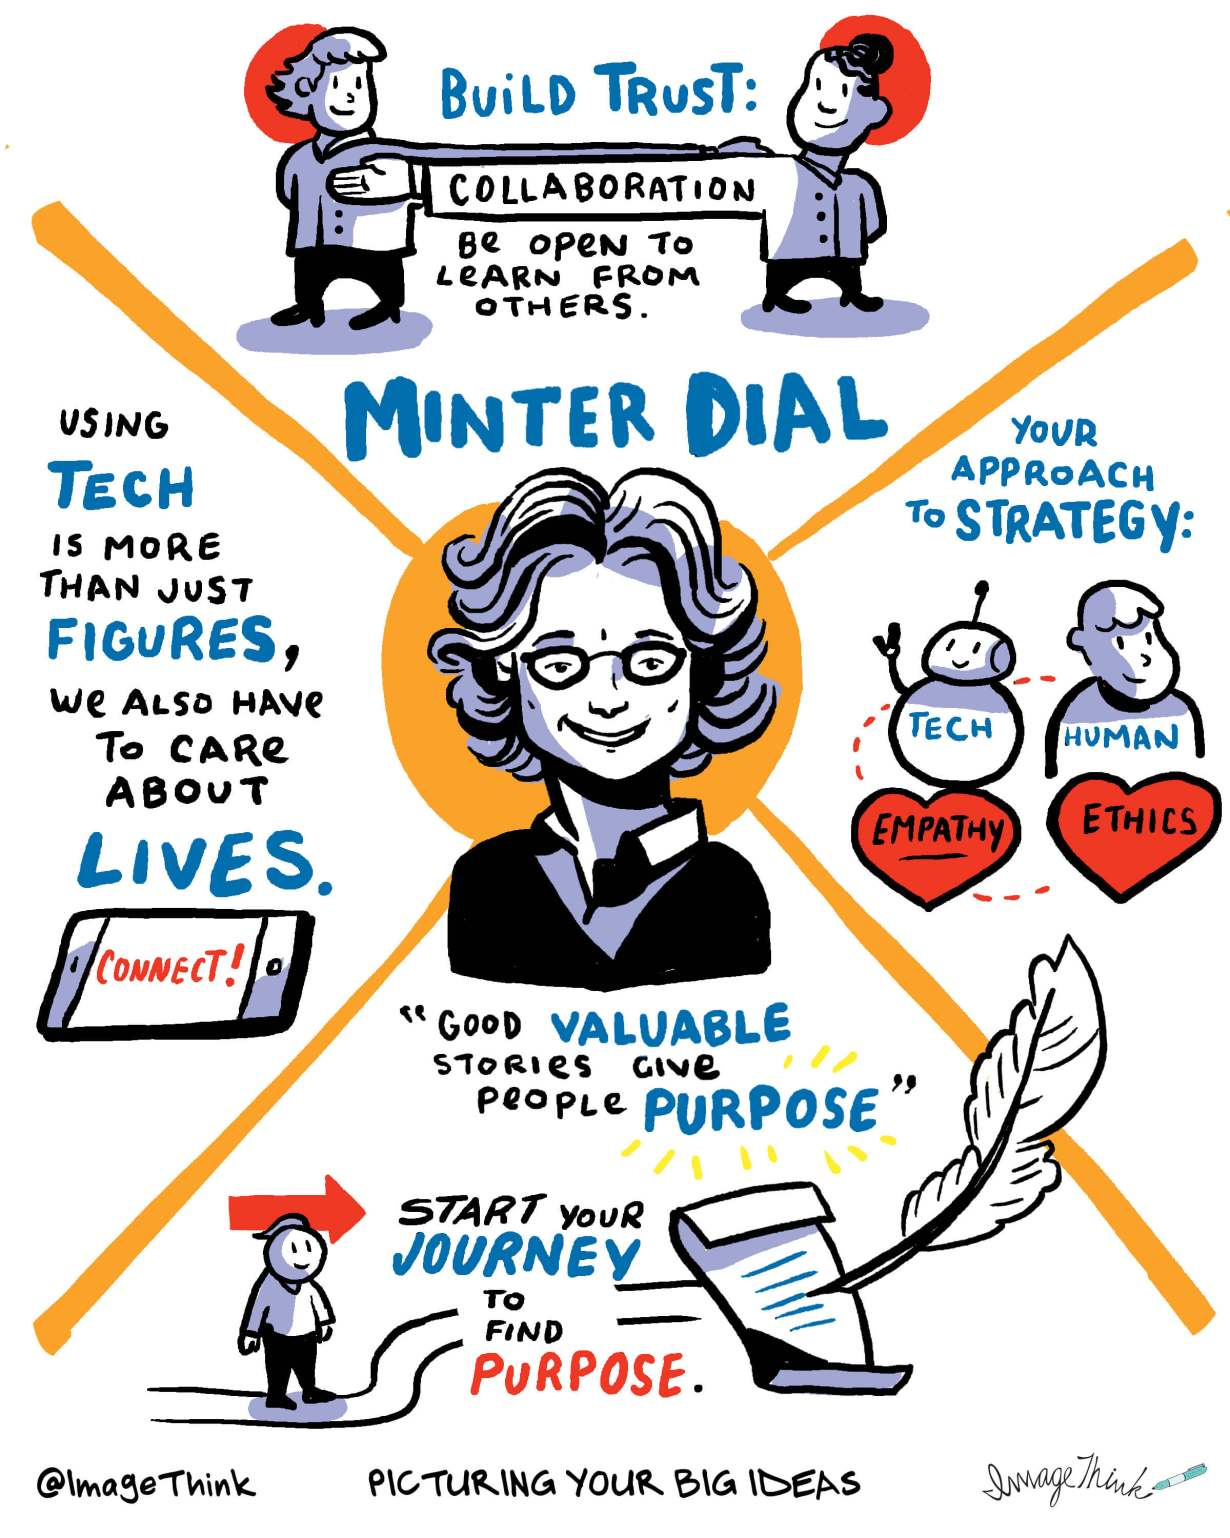 minter dial, sketchnotes, infographics, sophisticated marketer podcast, imagethink